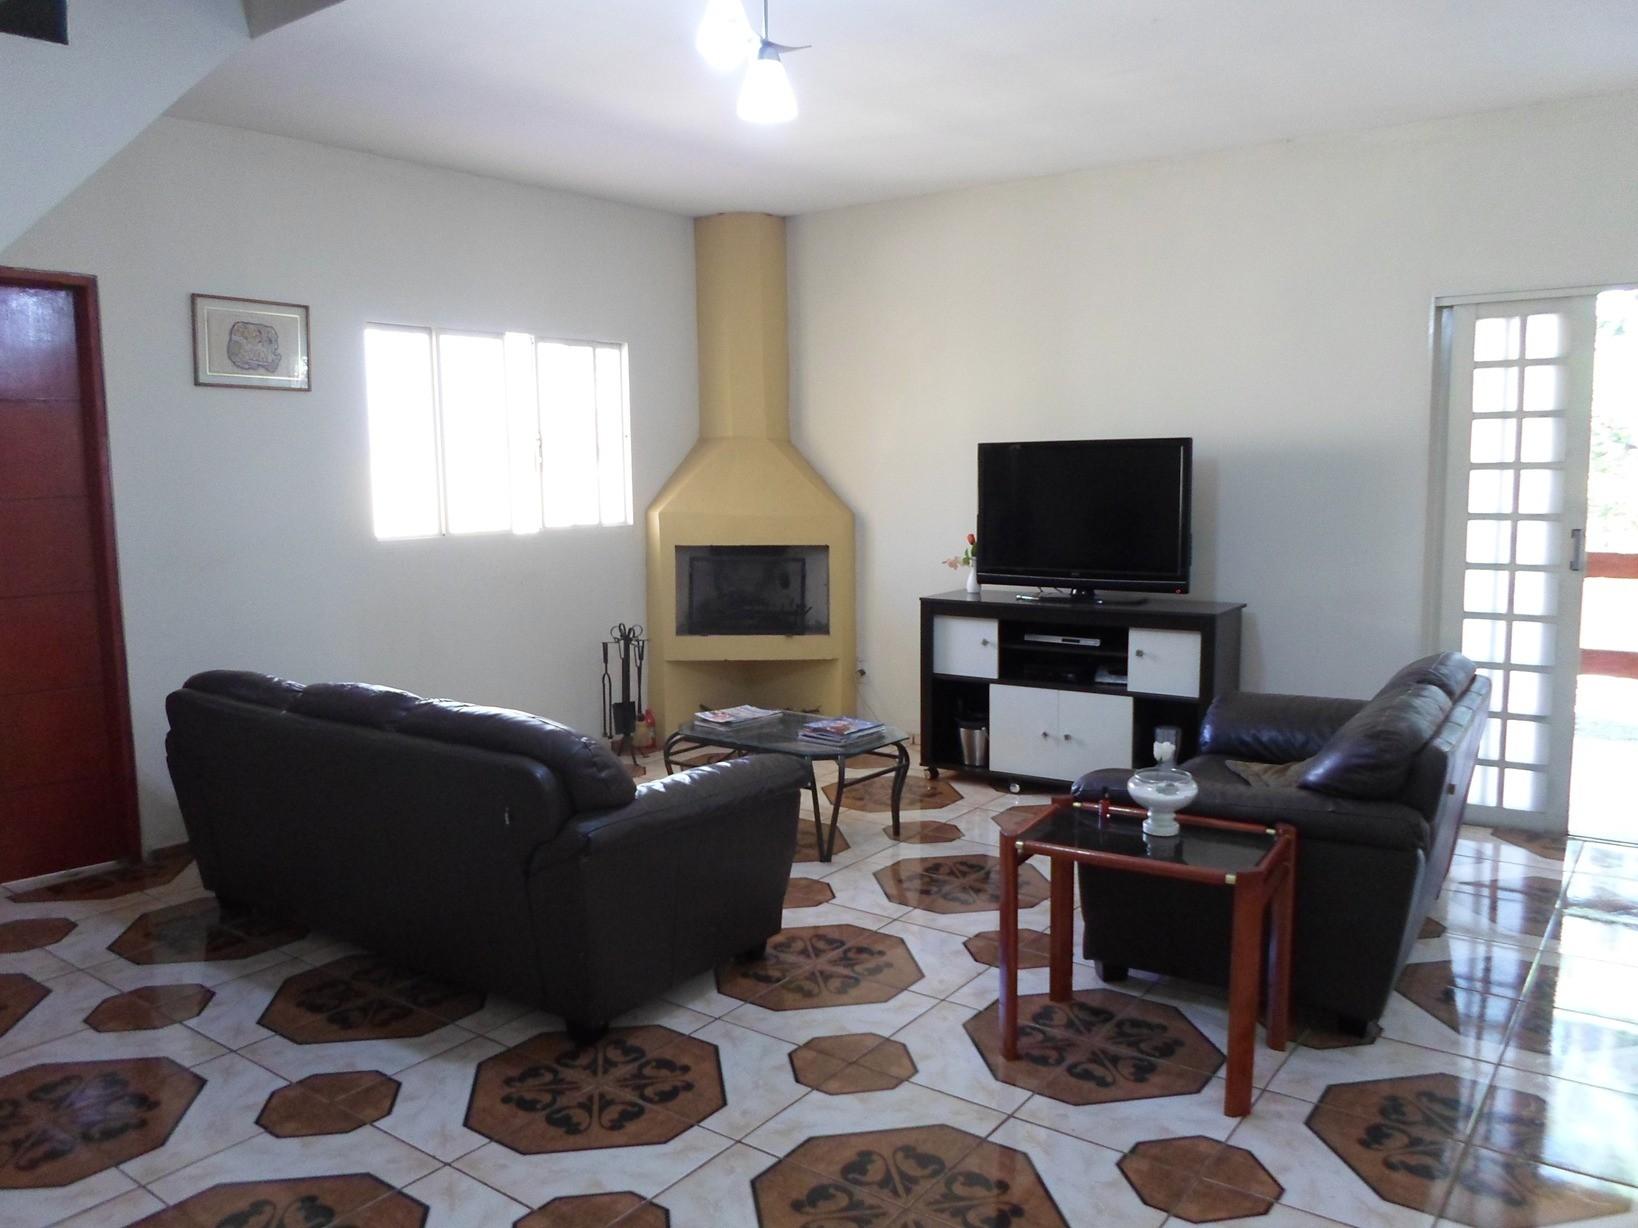 Sobrado de 4 dormitórios à venda em Jardim Campos Eliseos, Campinas - SP